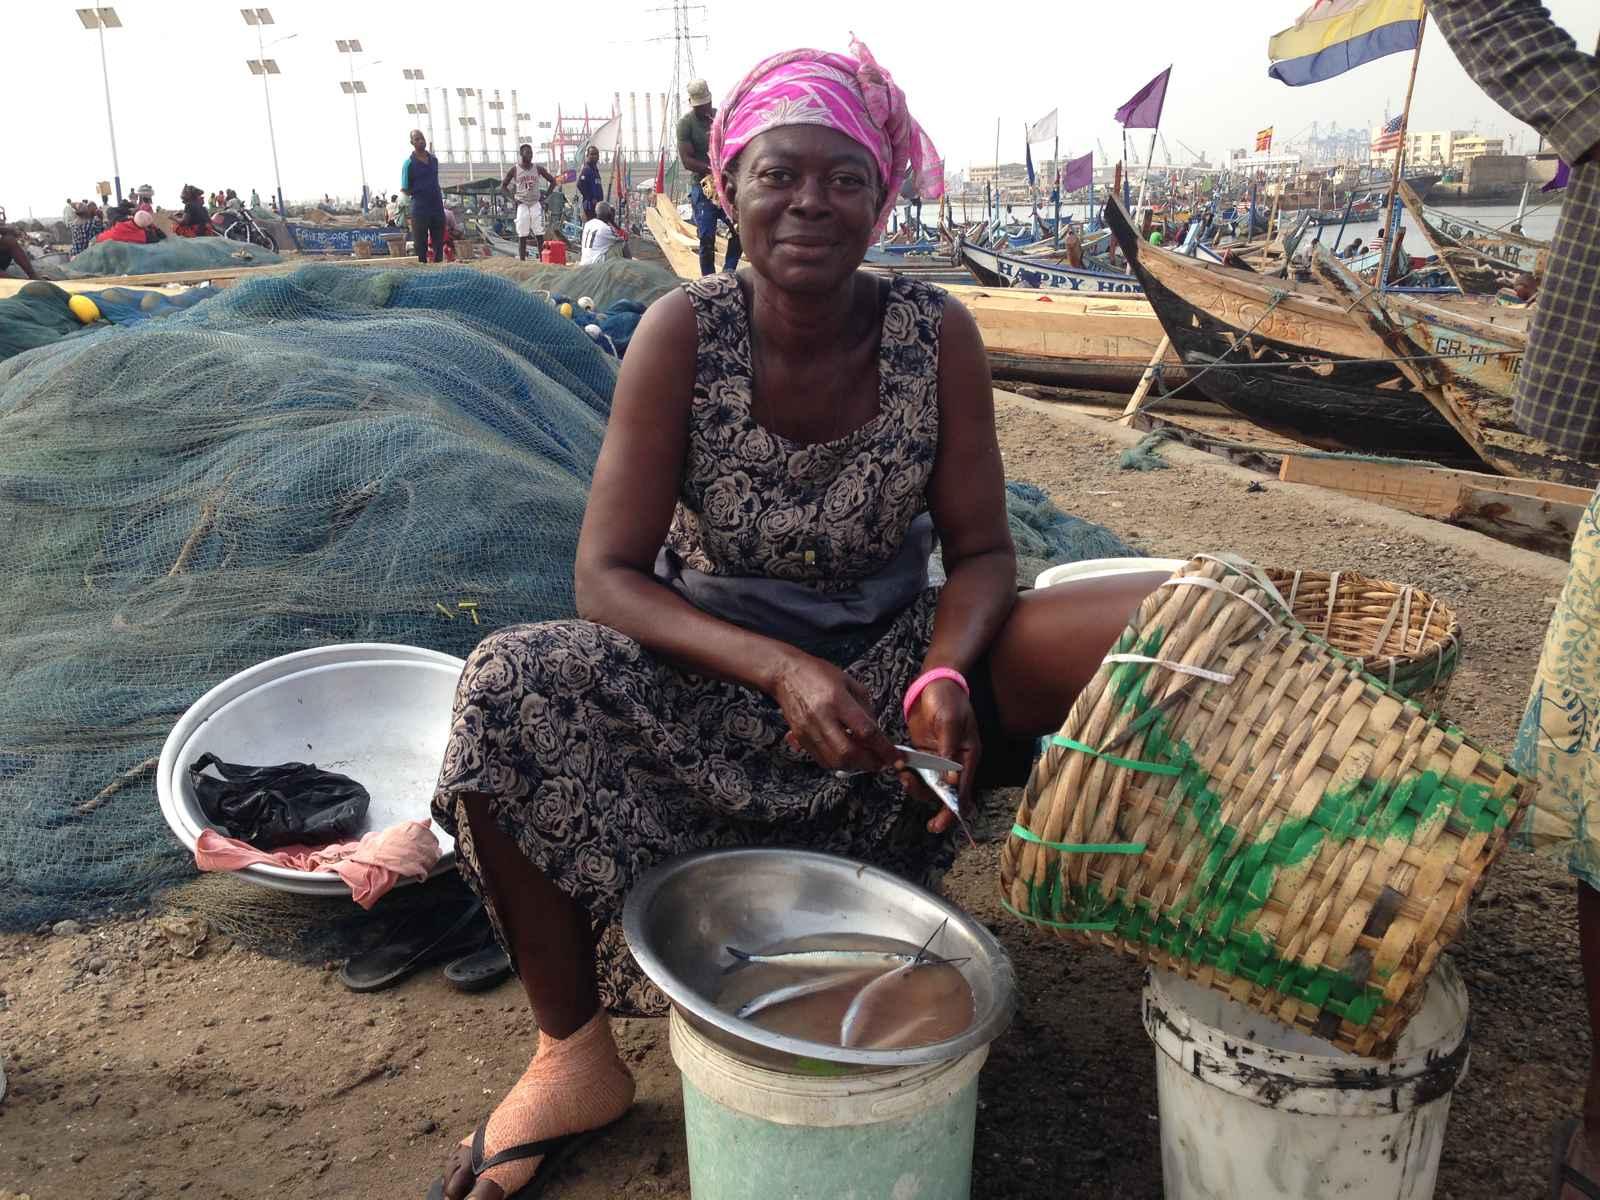 Fischmarkt: Fischverkäuferin beim Fische putzen